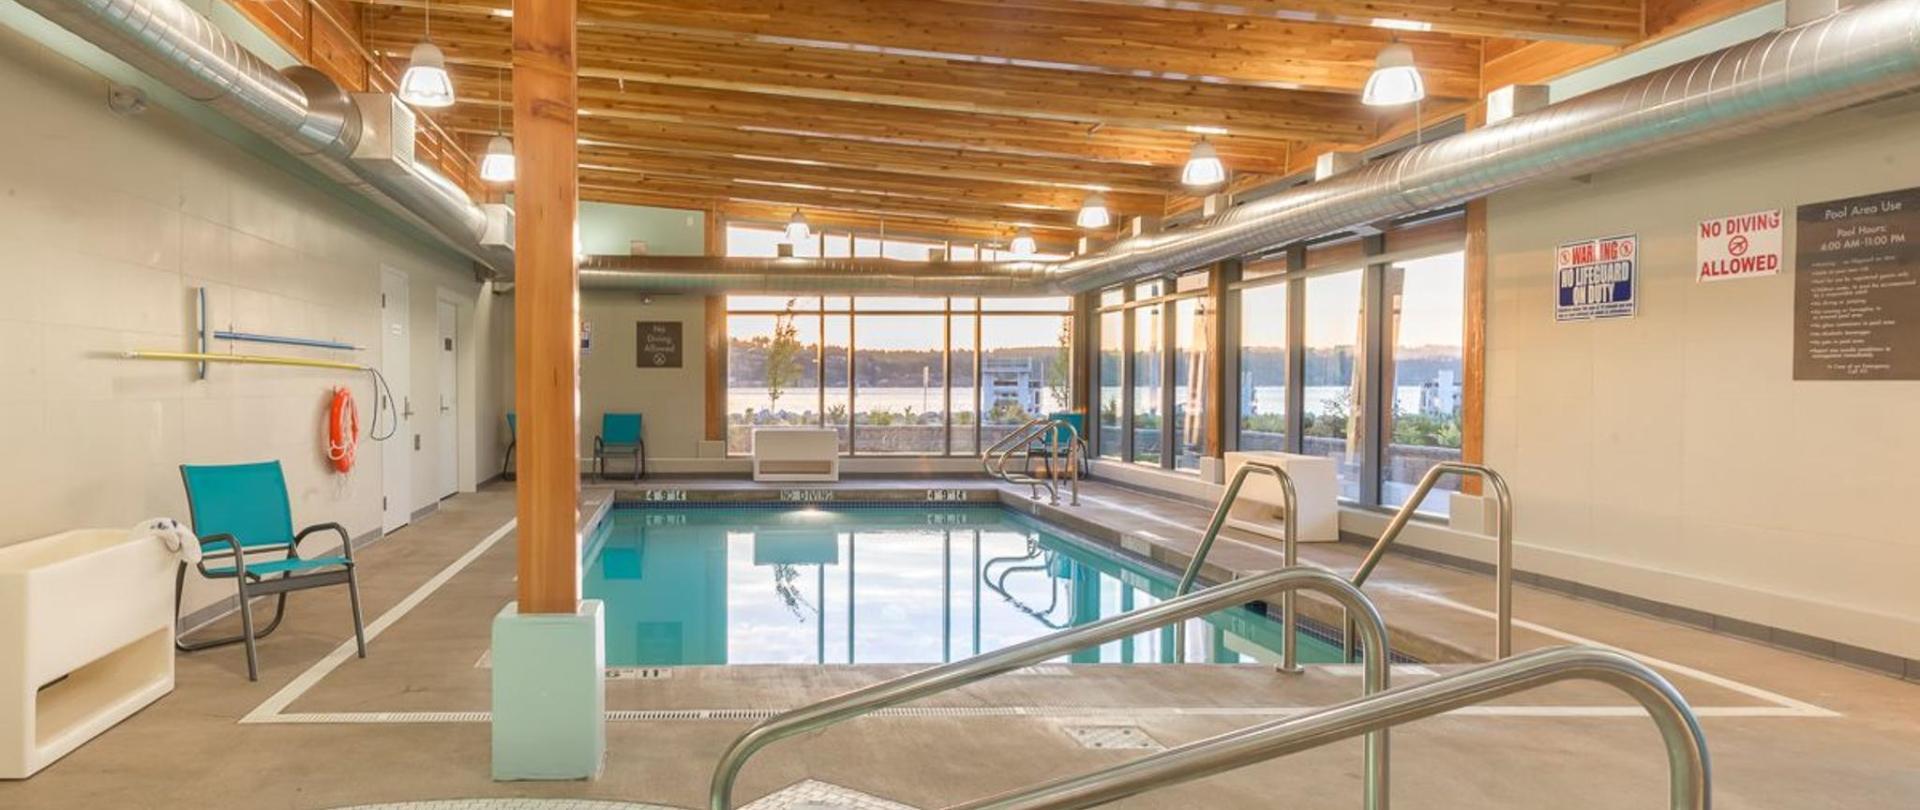 pool-hot-tub-ocean-view-1.jpg